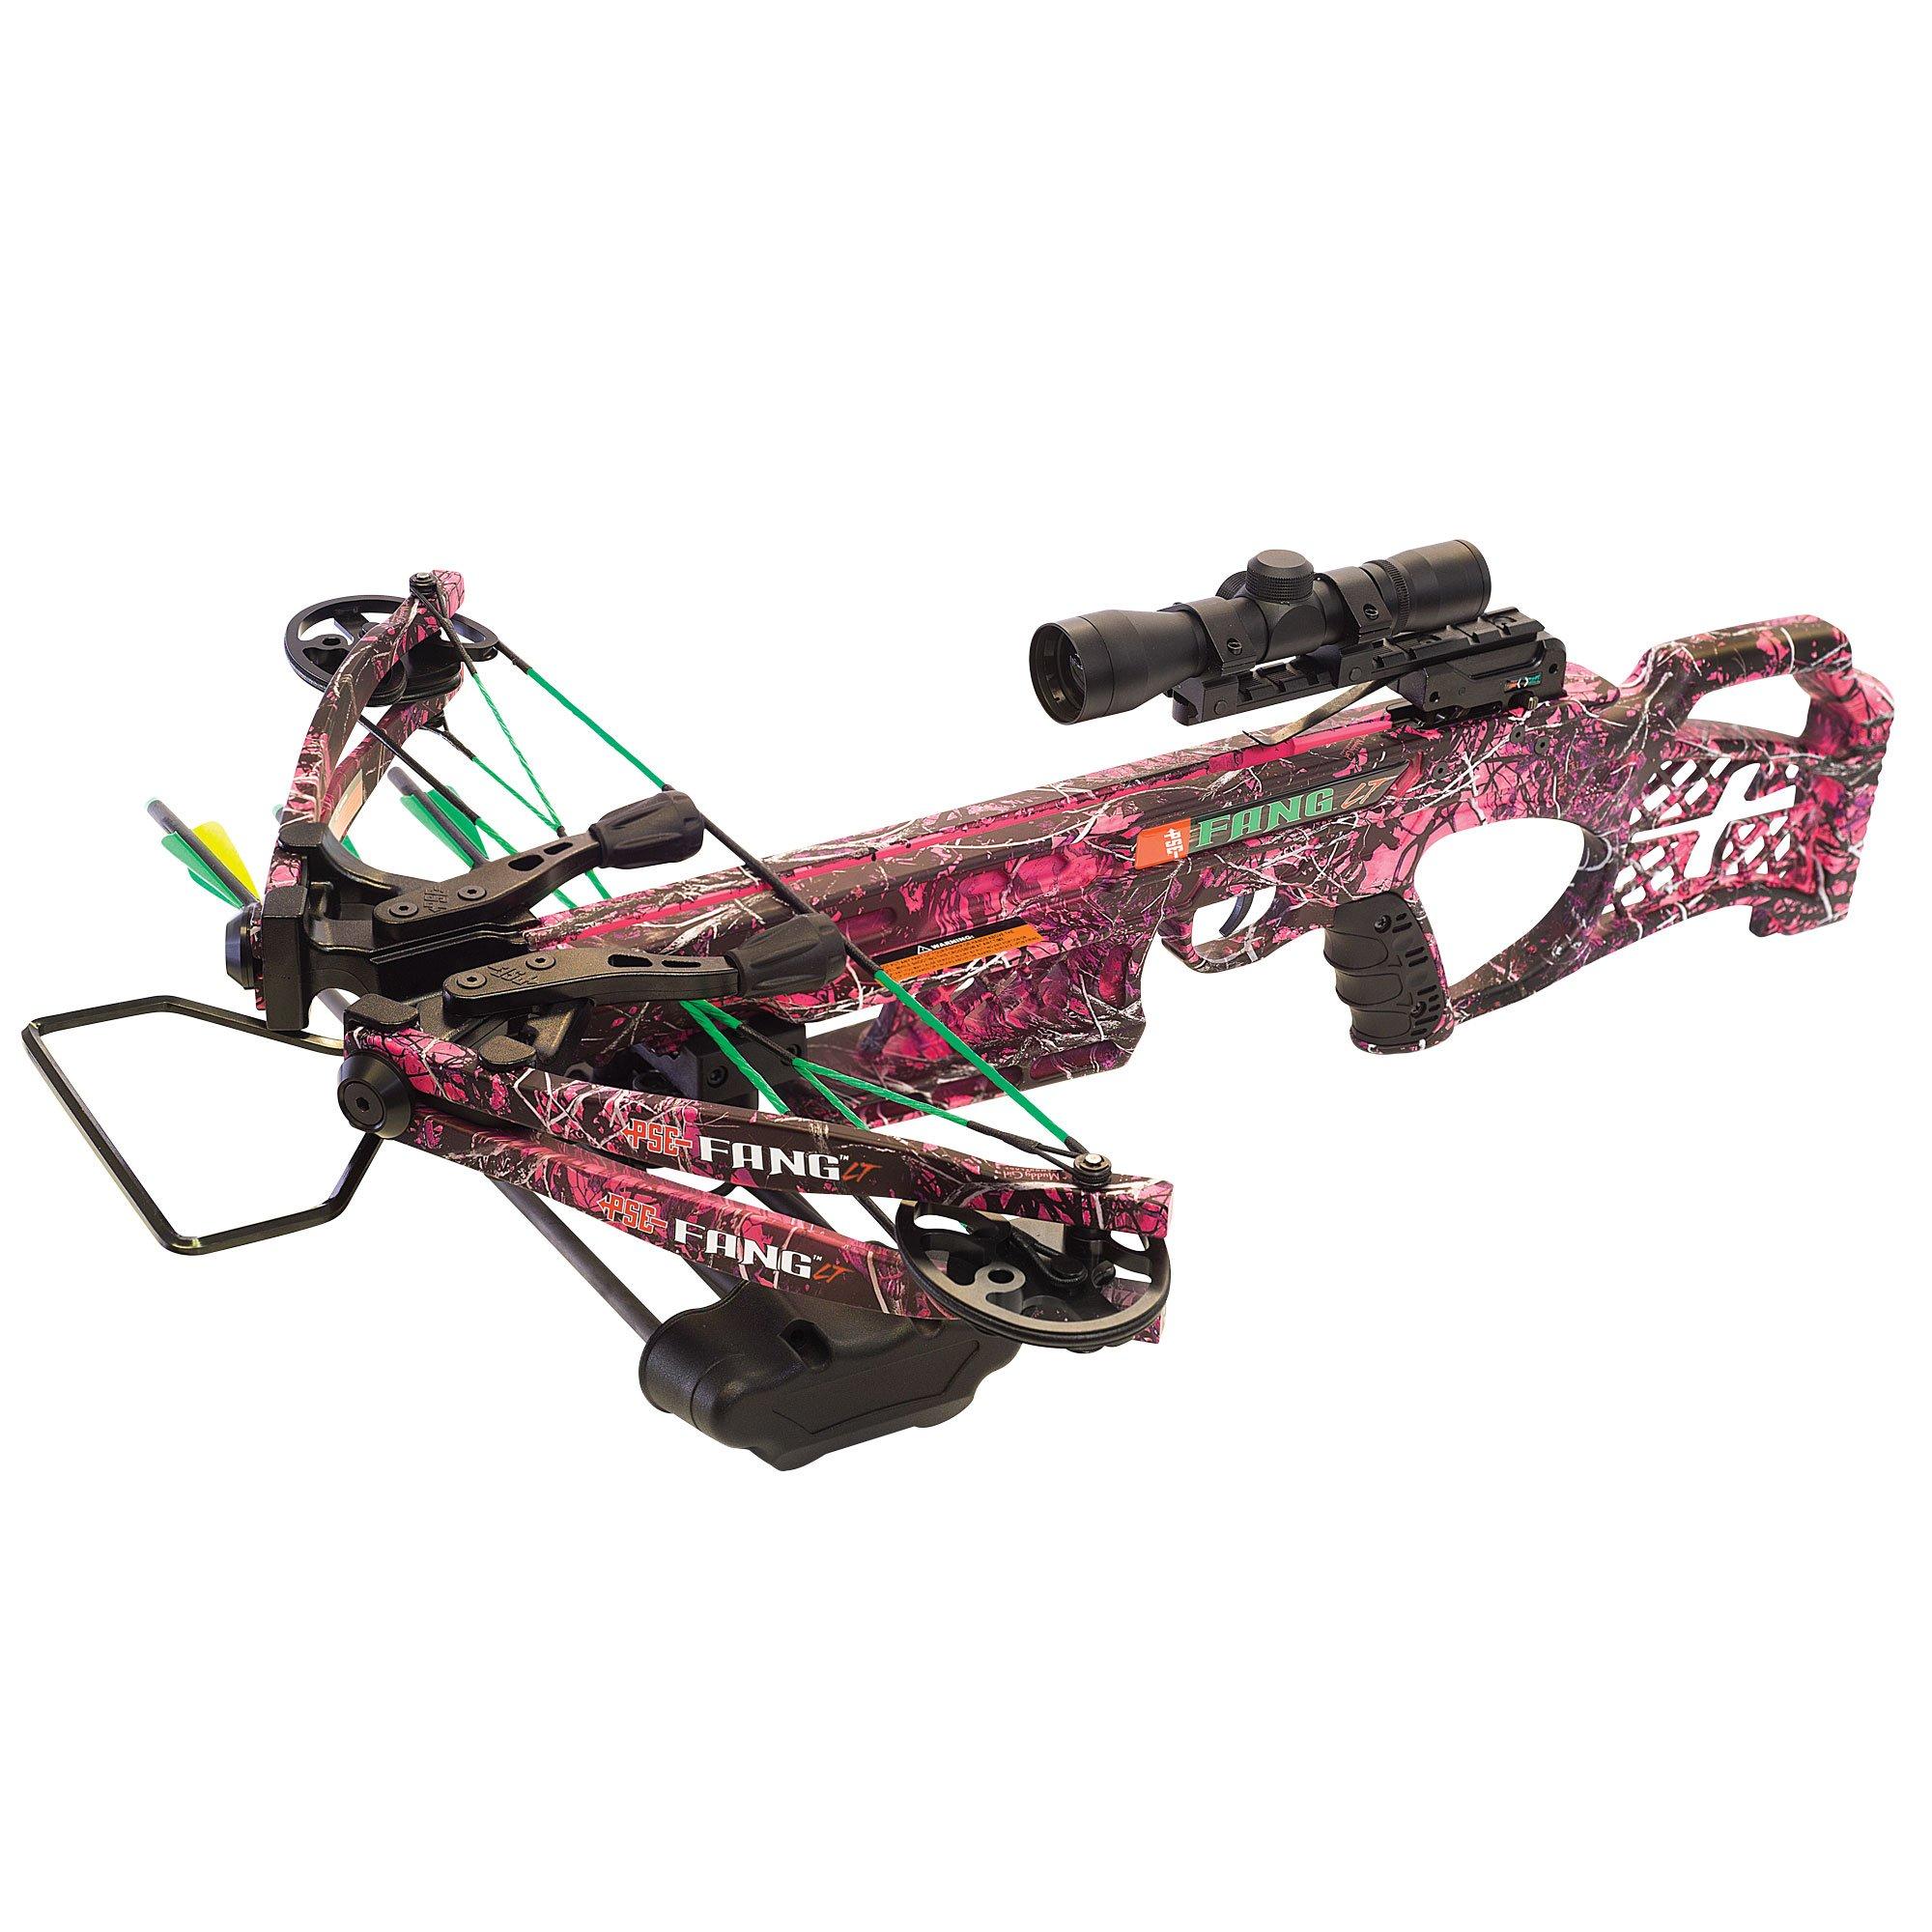 PSE Fang LT Crossbow, Muddy Girl